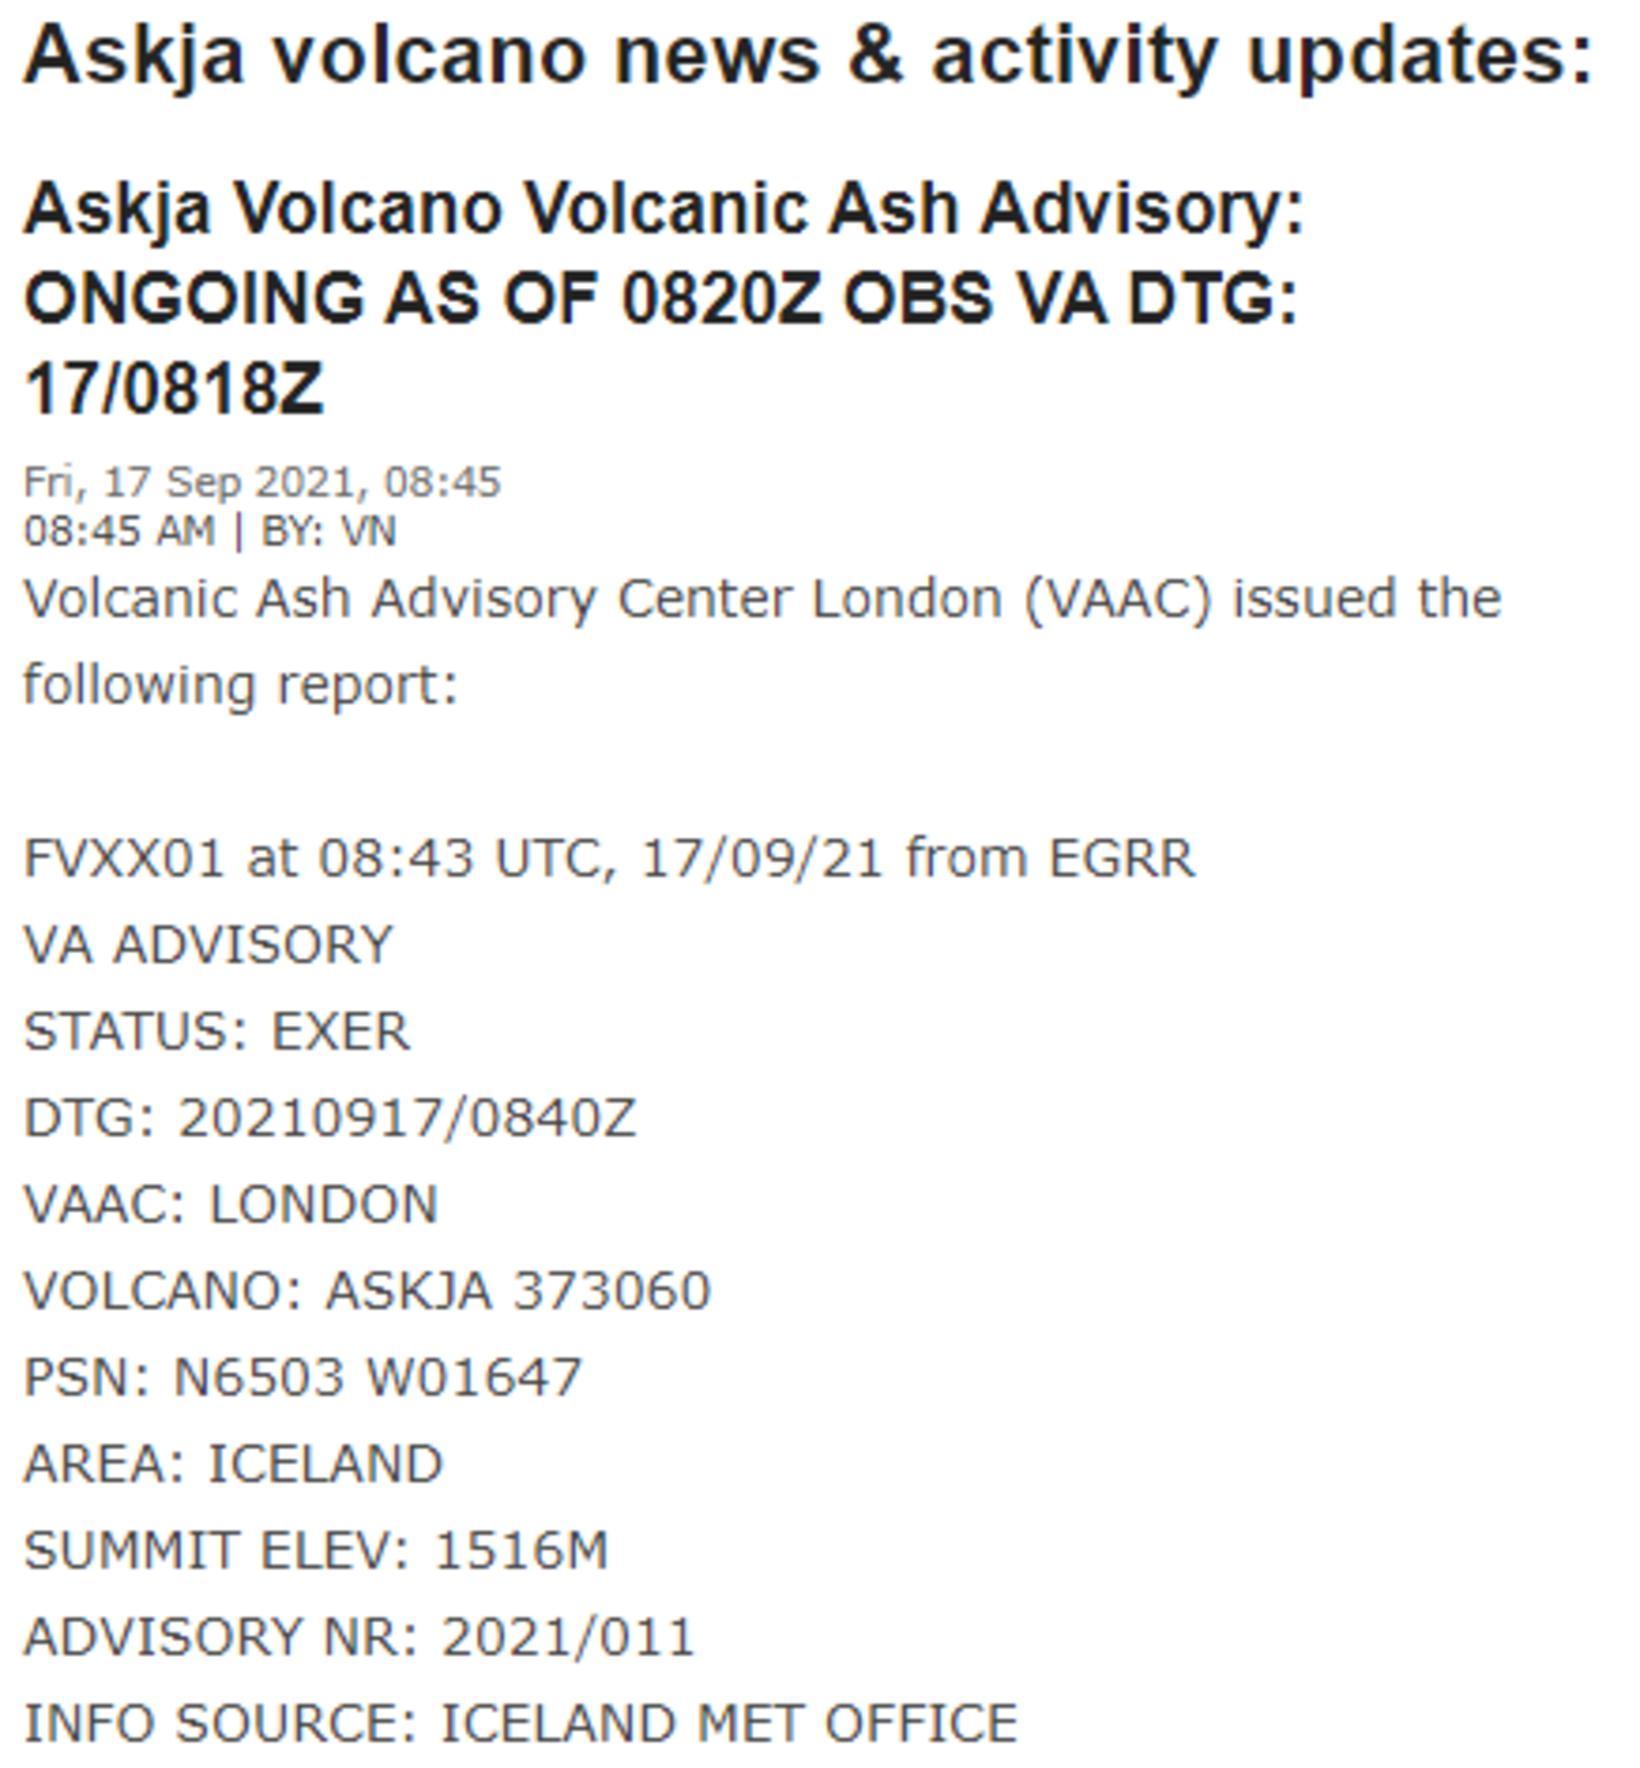 Upplýsingarnar sem vefurinn Volcano Discovery tók upp og birtir lesendum …